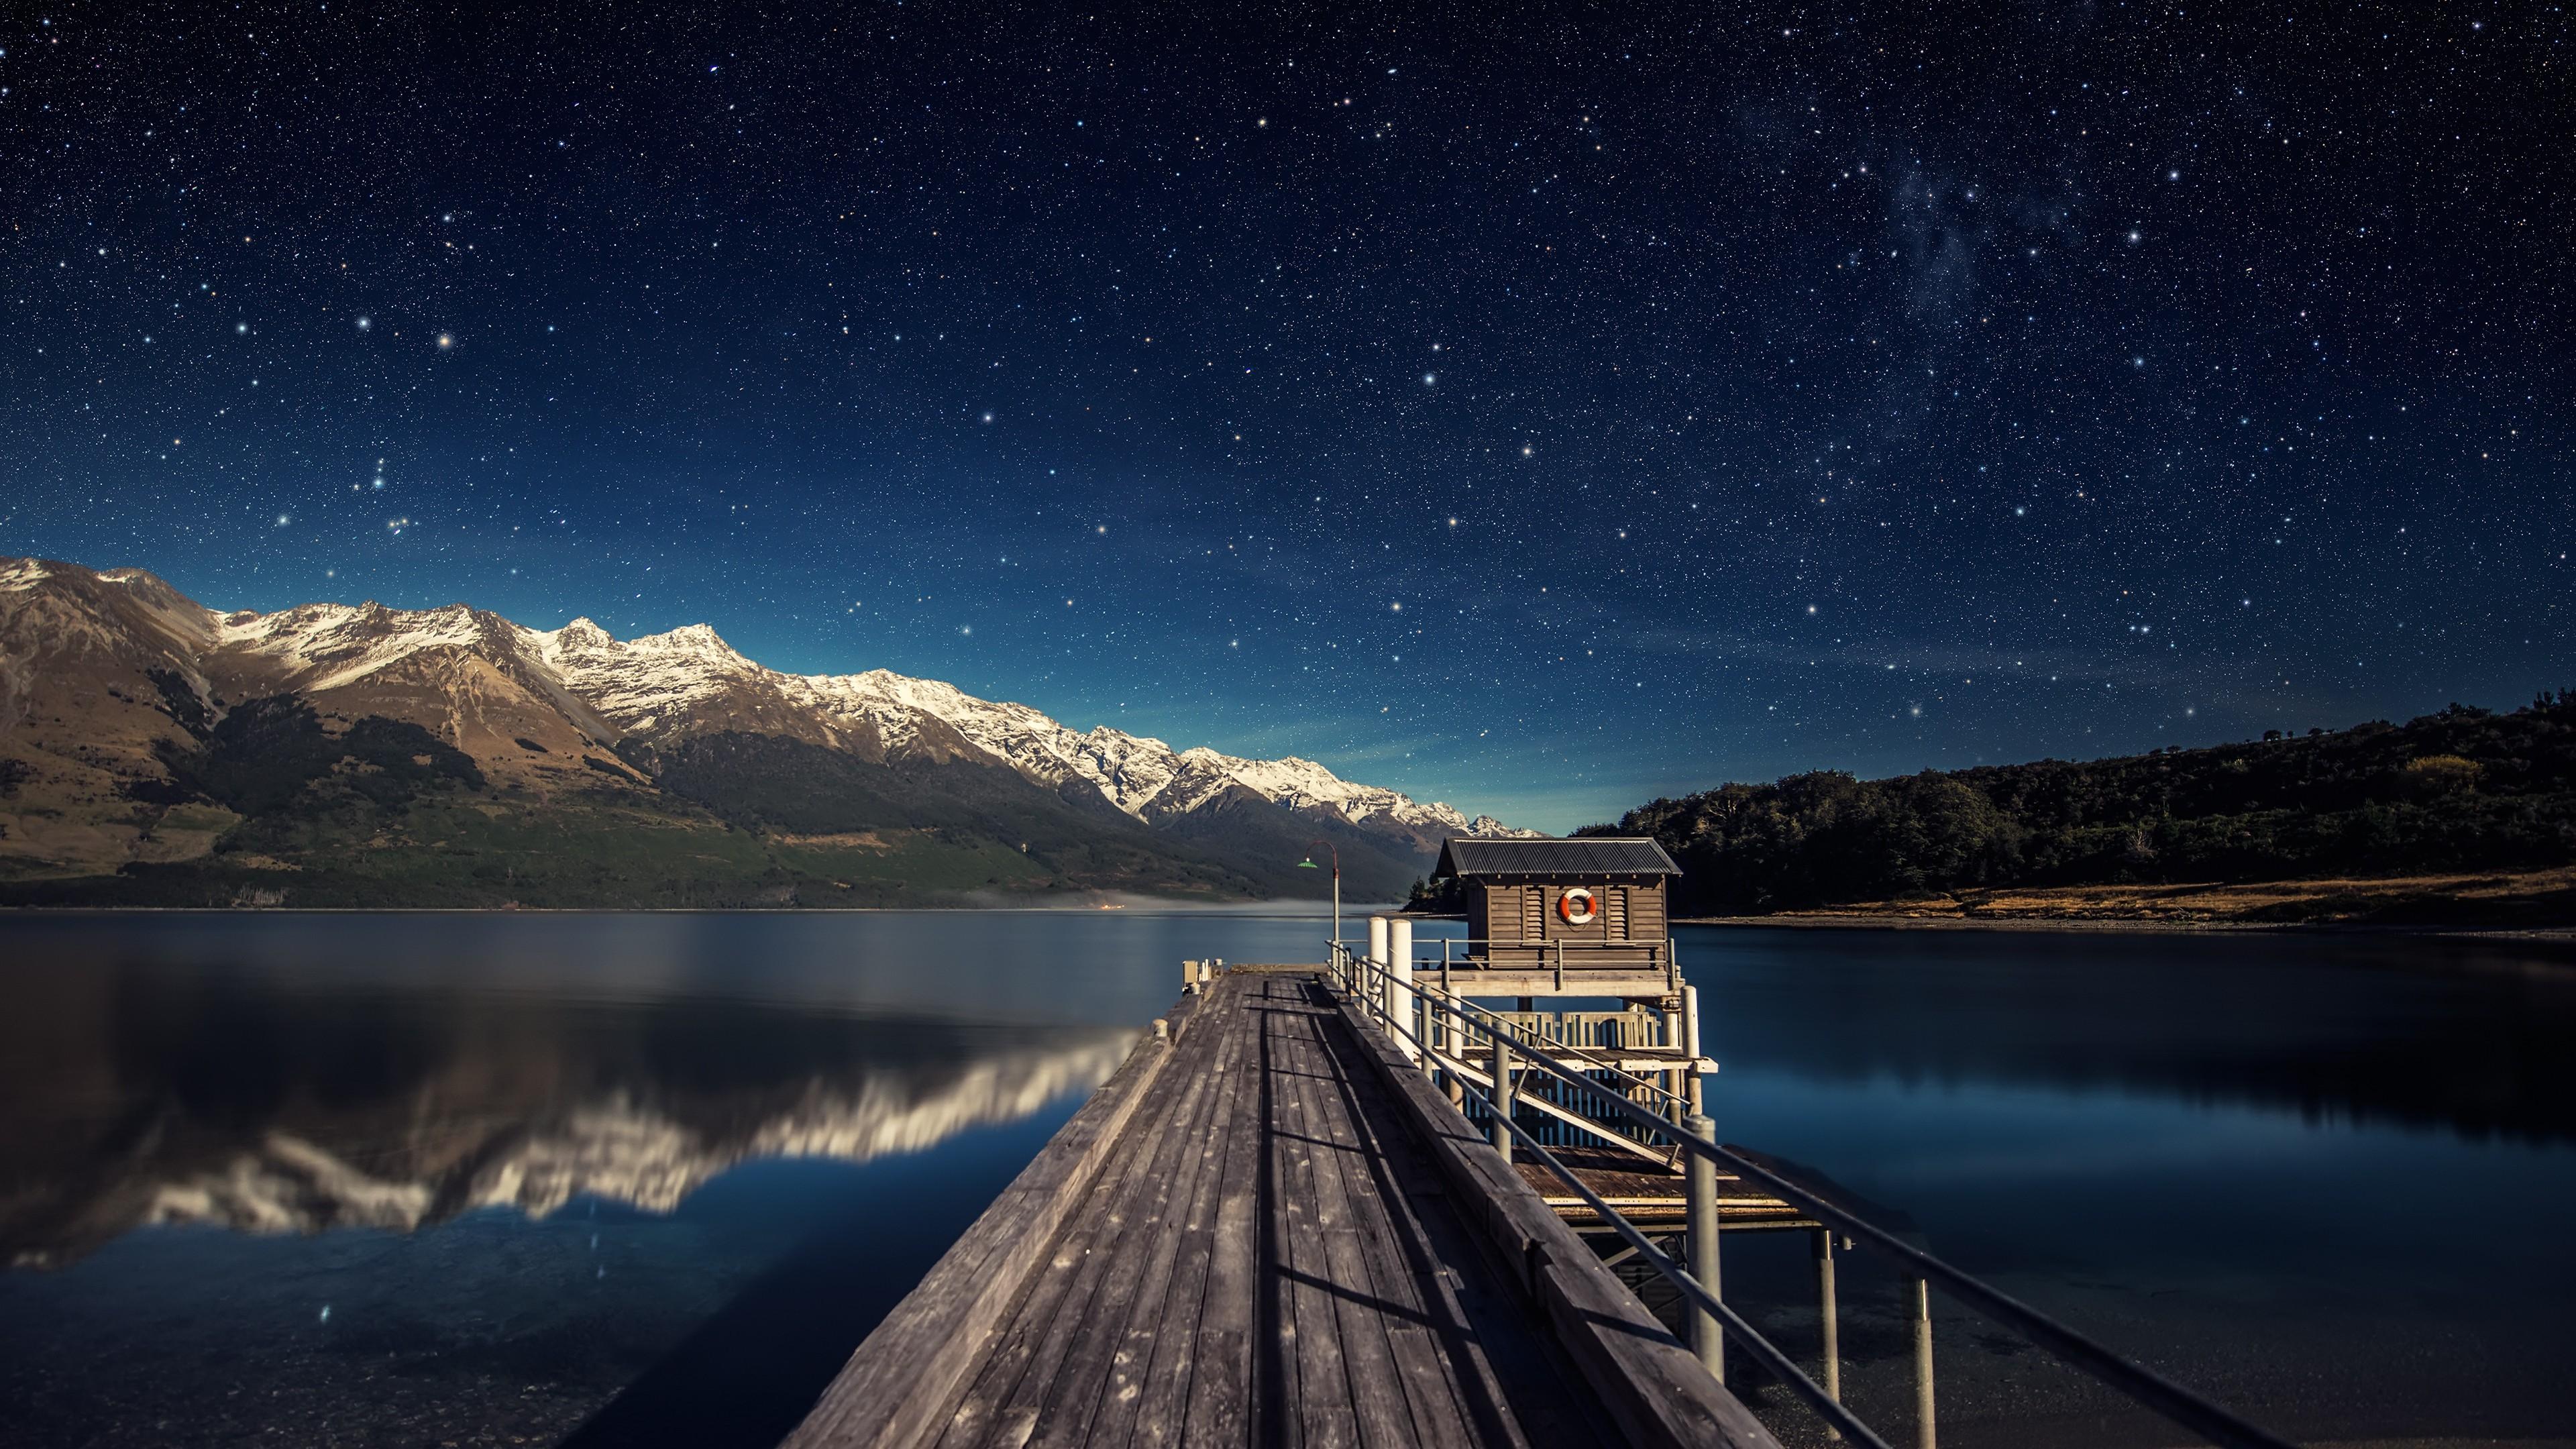 beautiful-landscape-high-resolution-4k-wallpaper-3-3840x2160.jpg